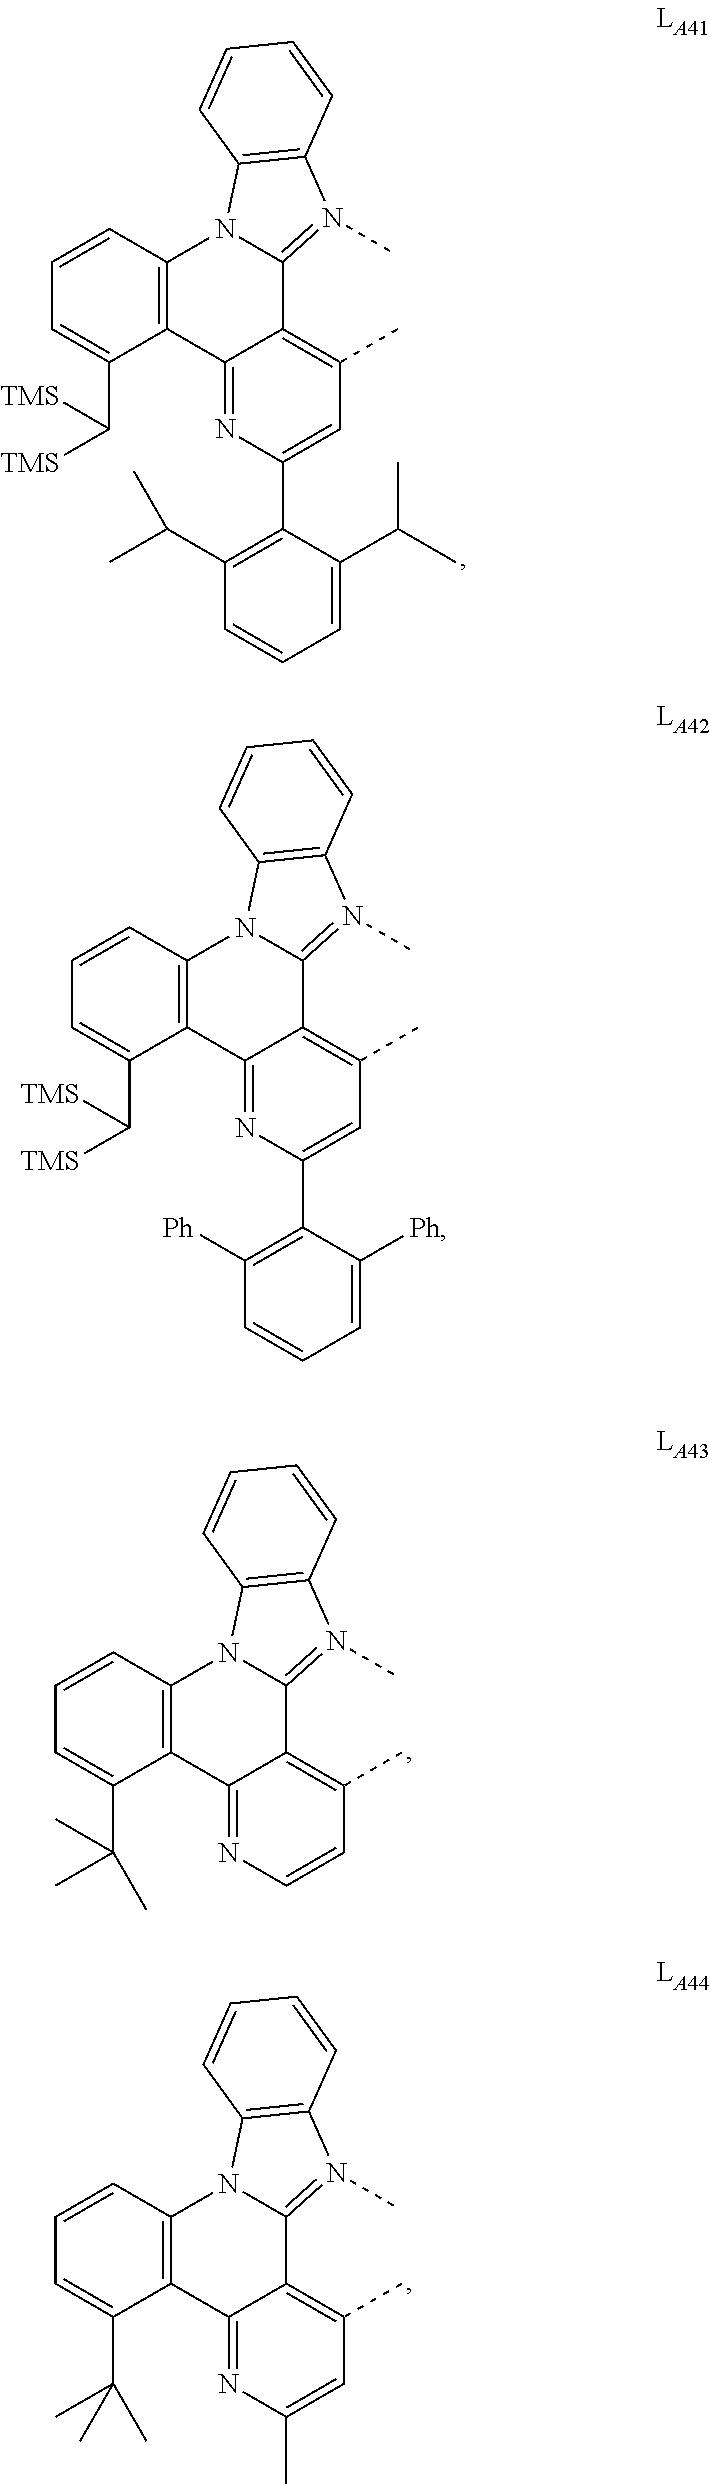 Figure US09905785-20180227-C00034